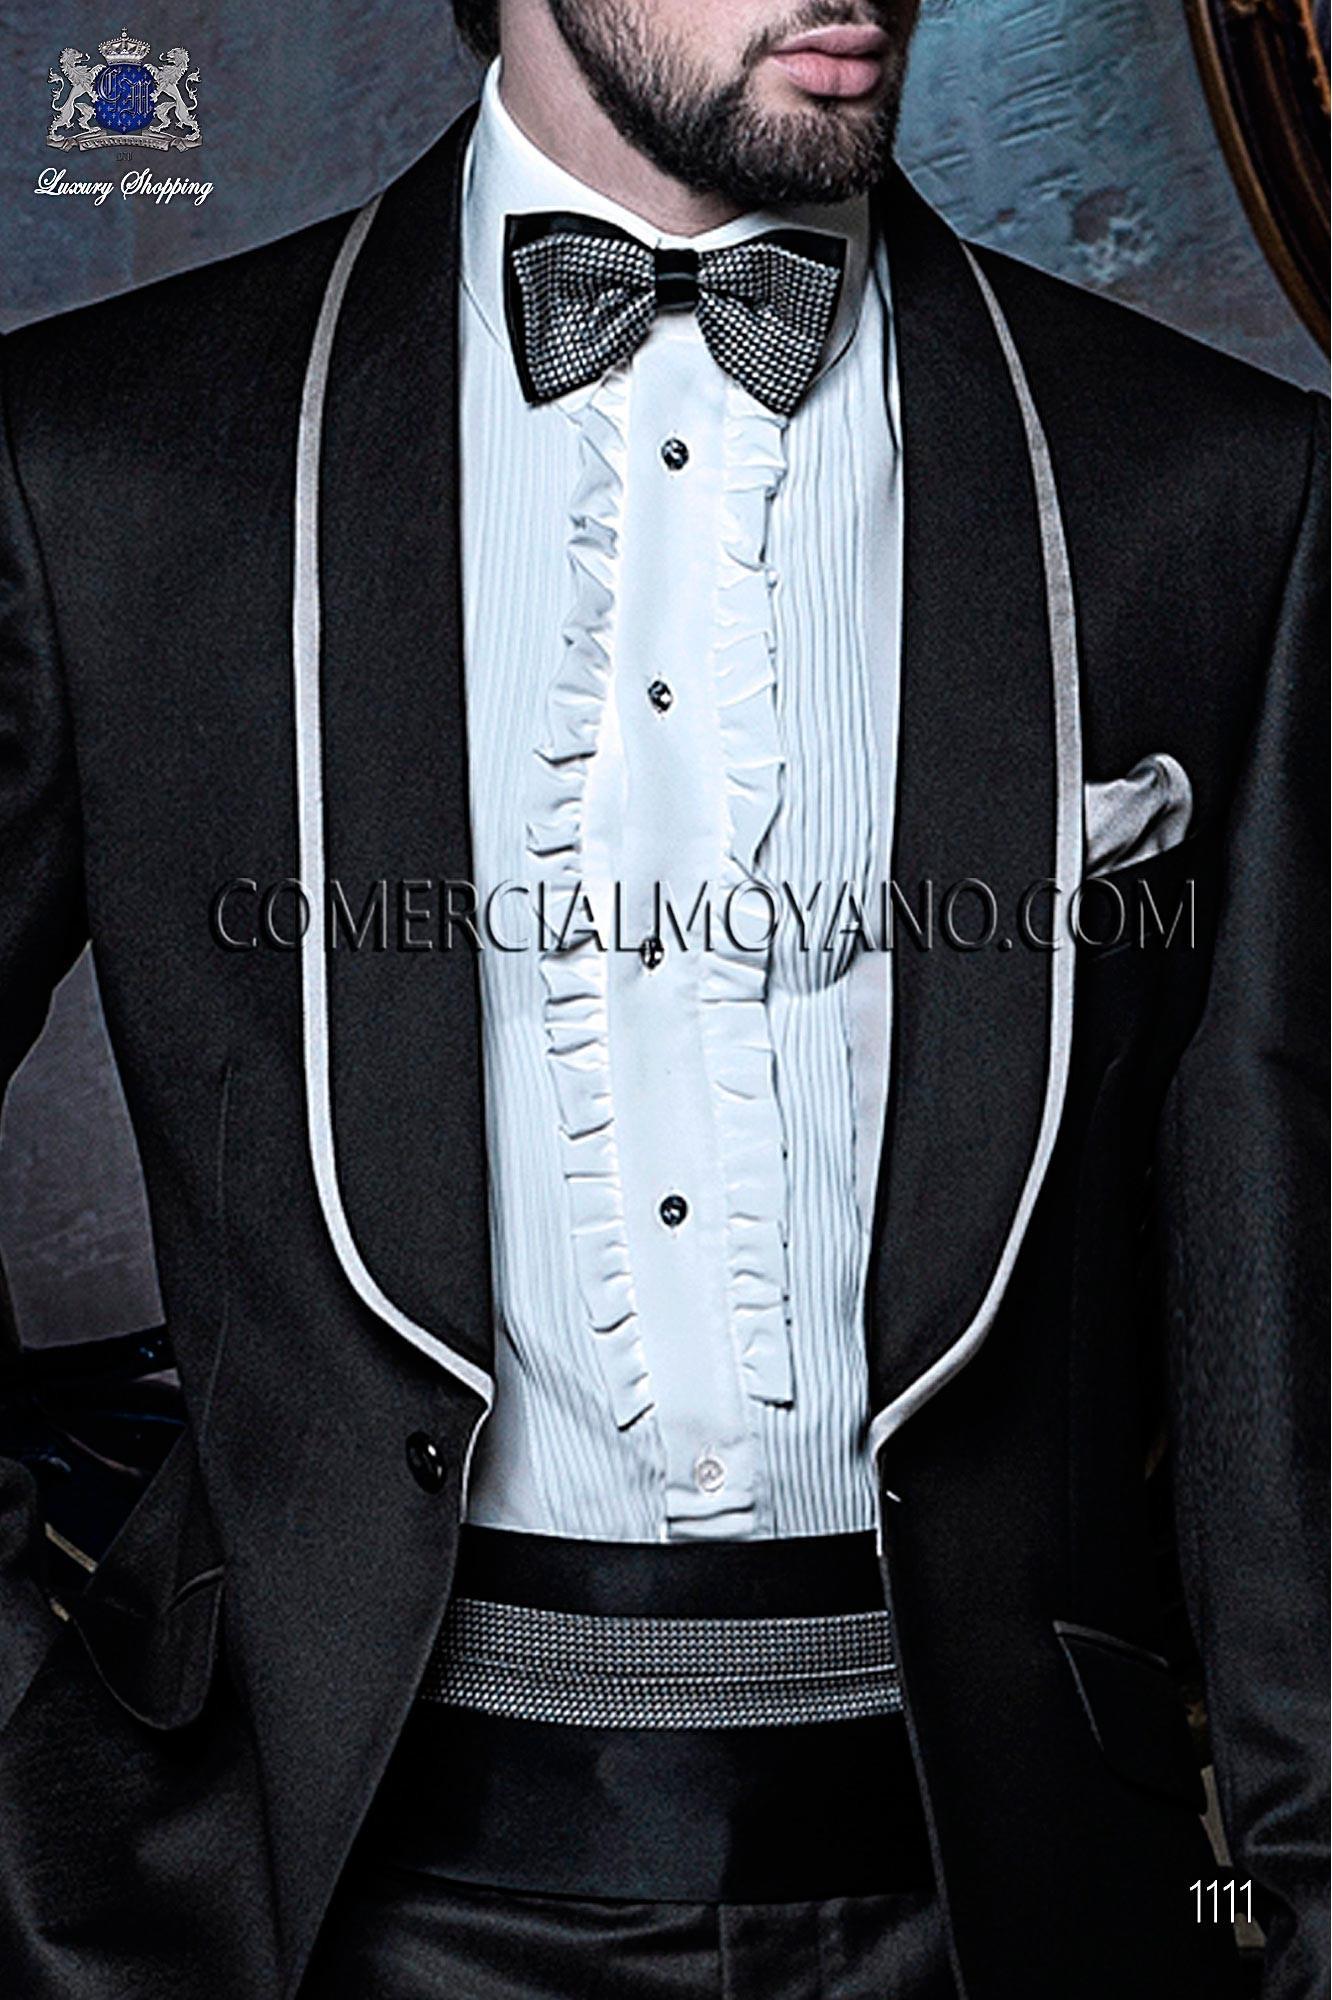 Italian blacktie Black men wedding suit, model: 1111 Ottavio Nuccio Gala Black Tie Collection